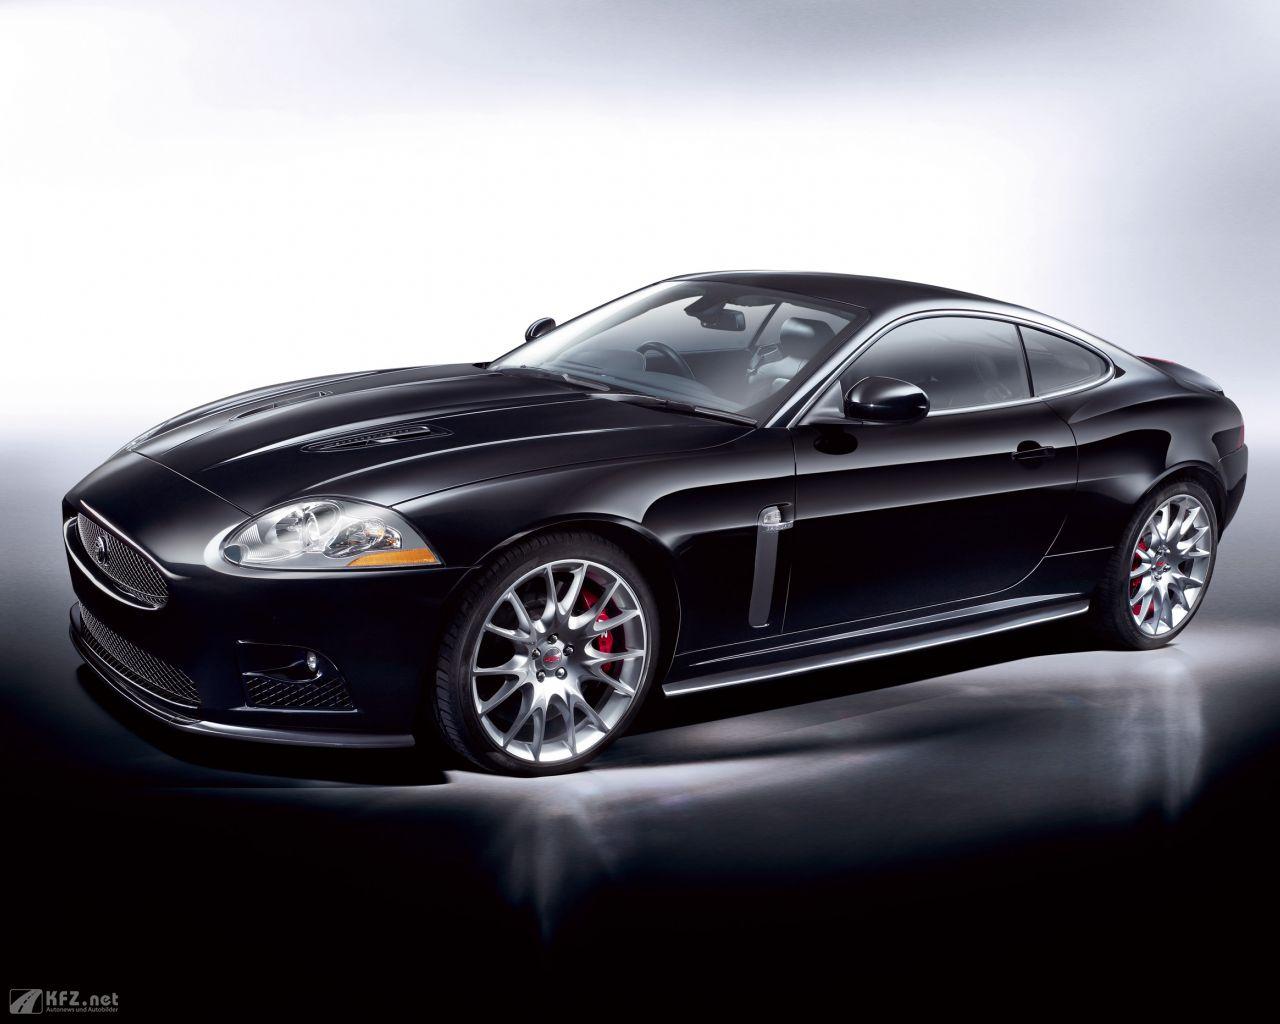 jaguar-xk8-1280x1024-1